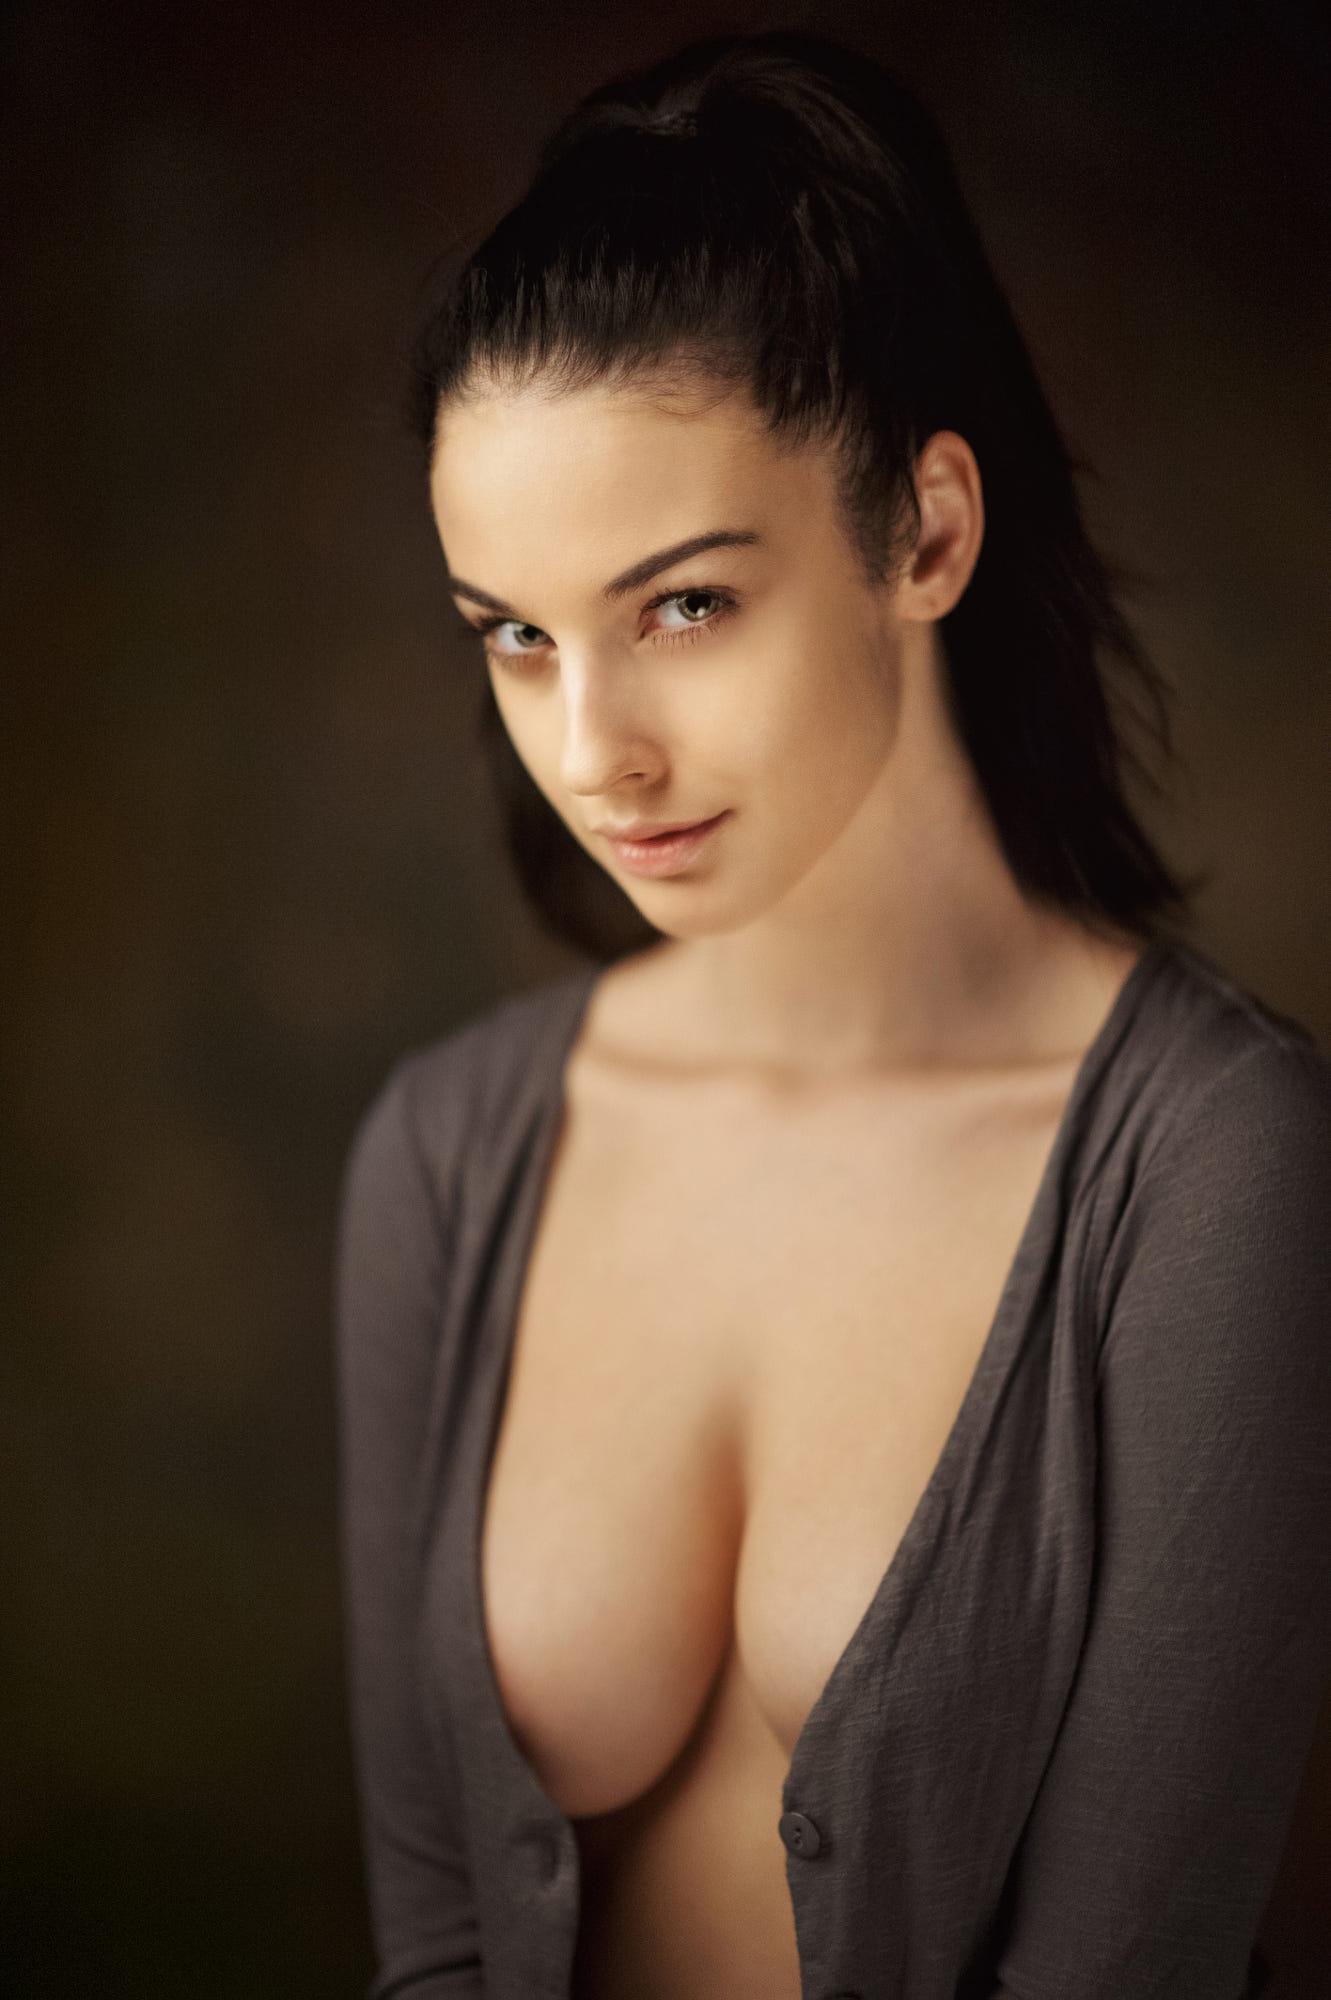 beautiful 500 naked most women